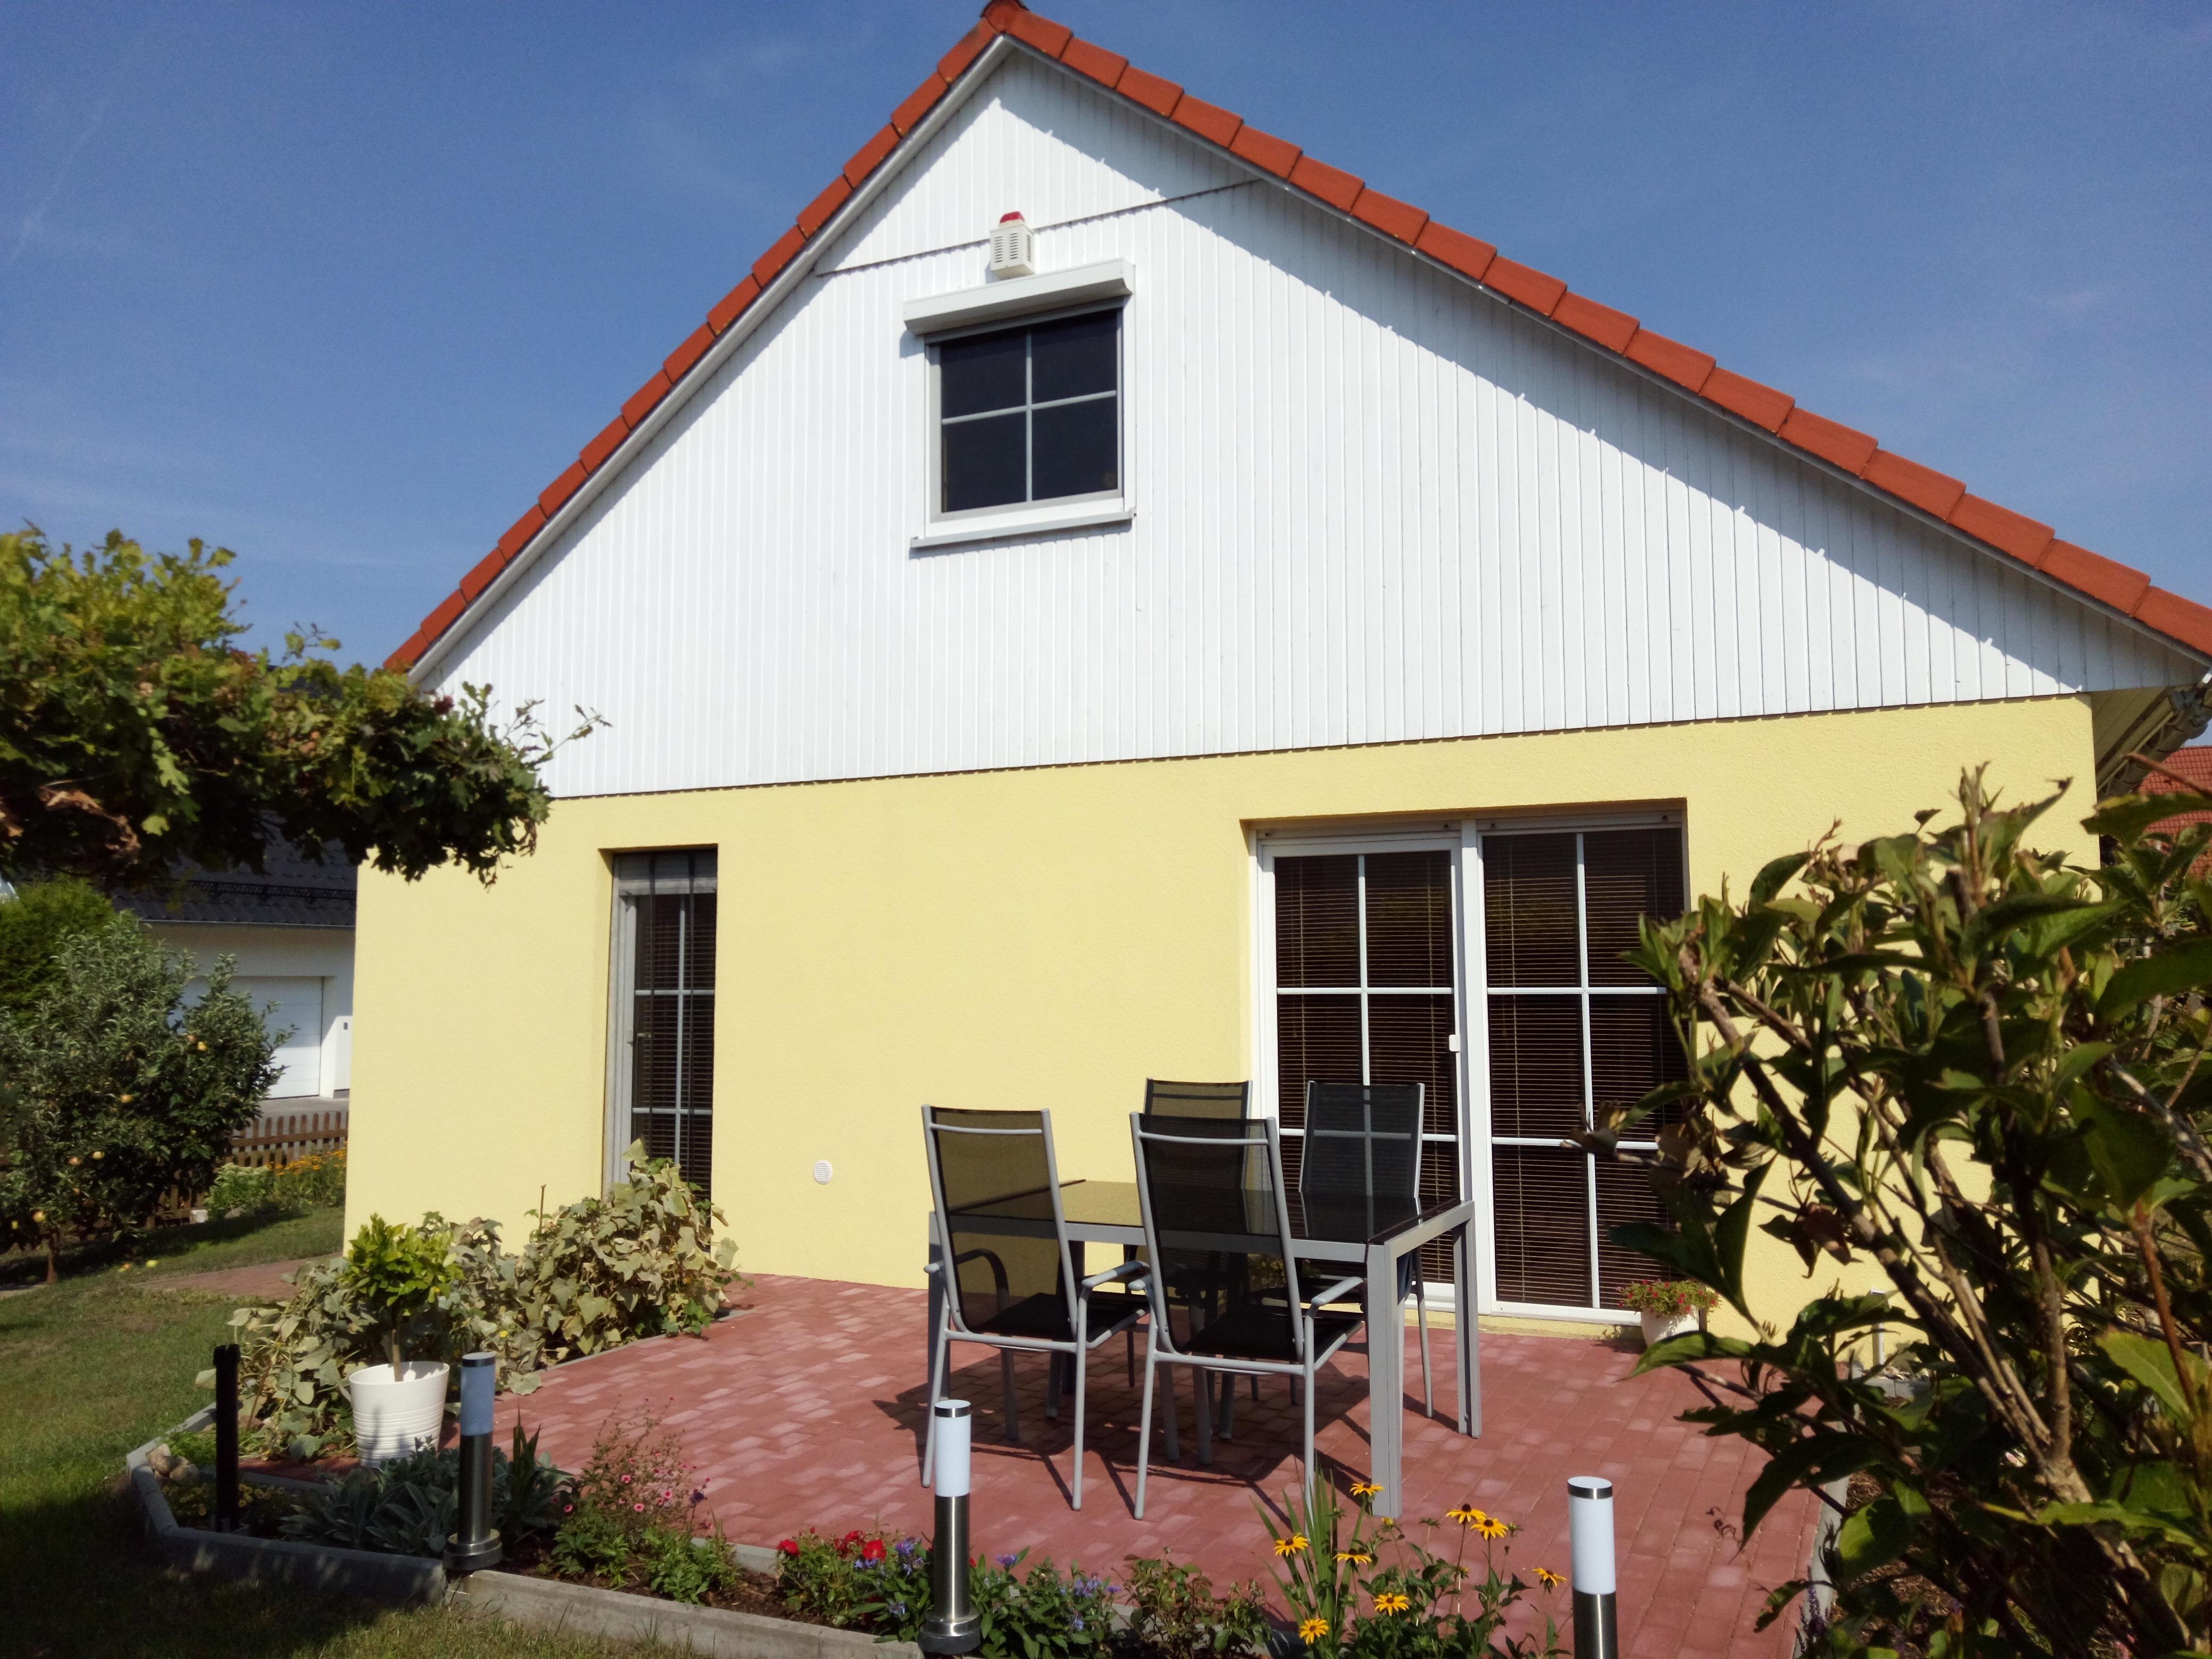 Einfamilienhaus in Sennewitz - Terrasse